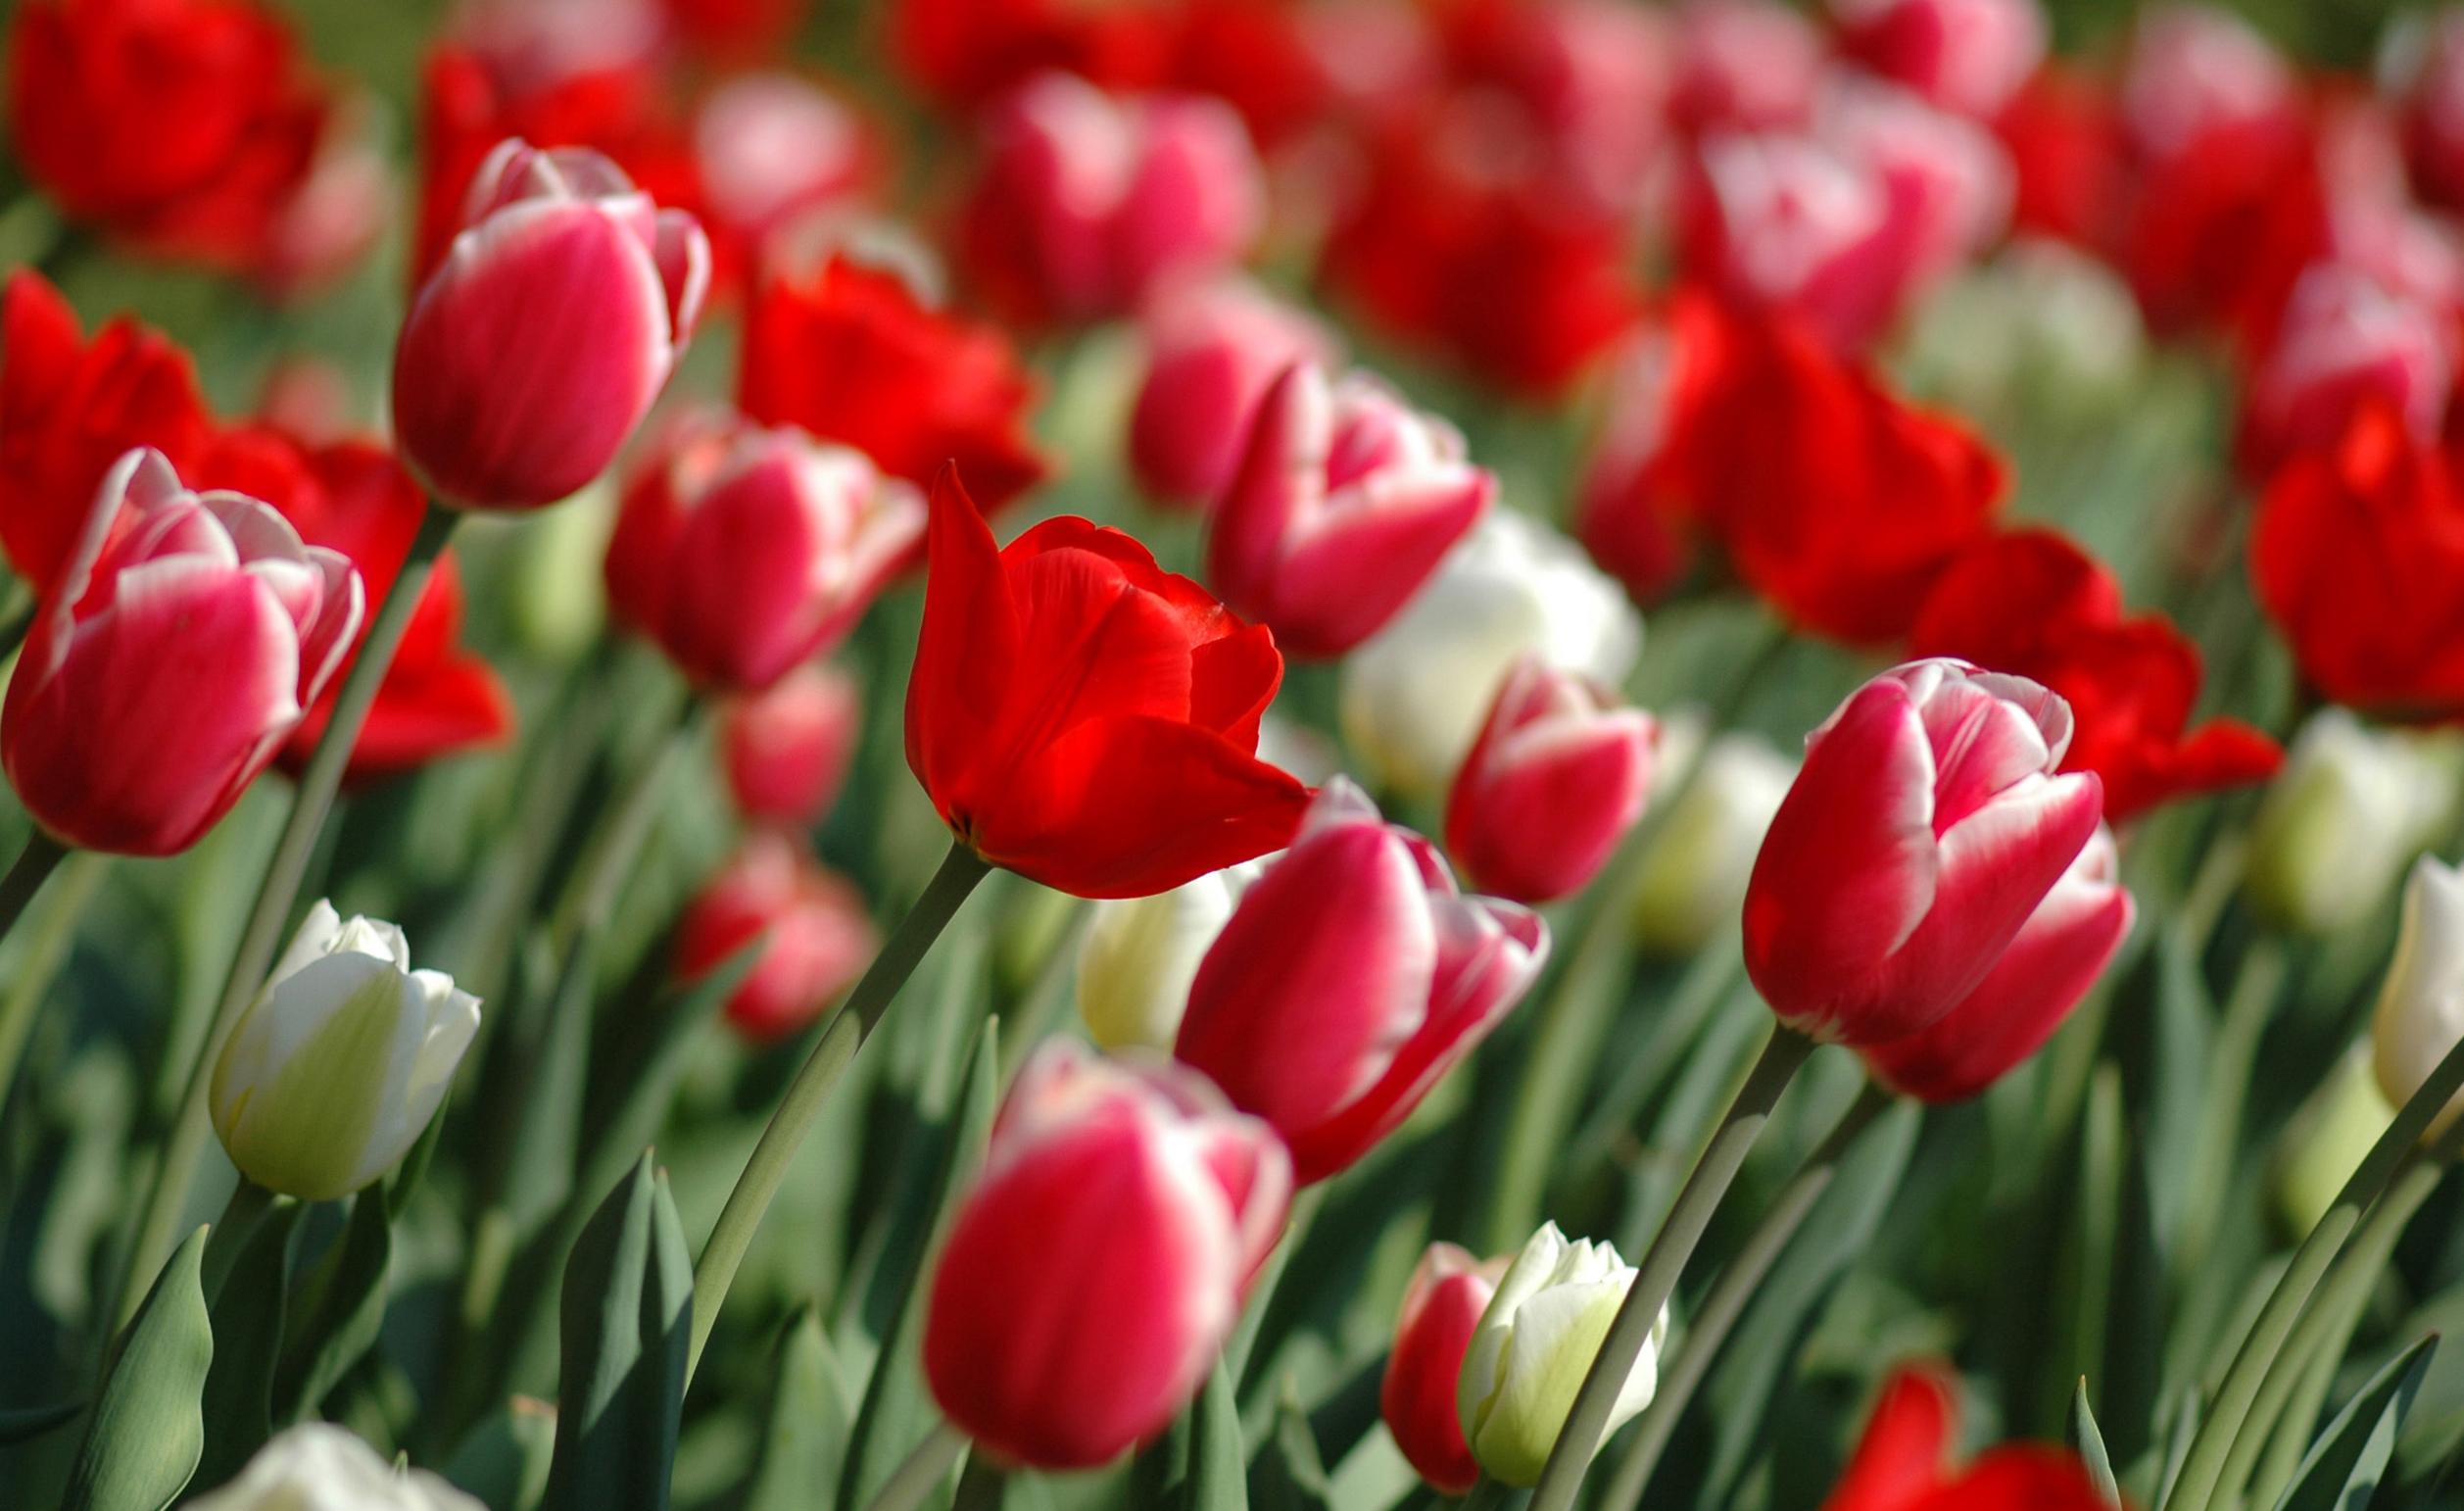 tulip-photo-122